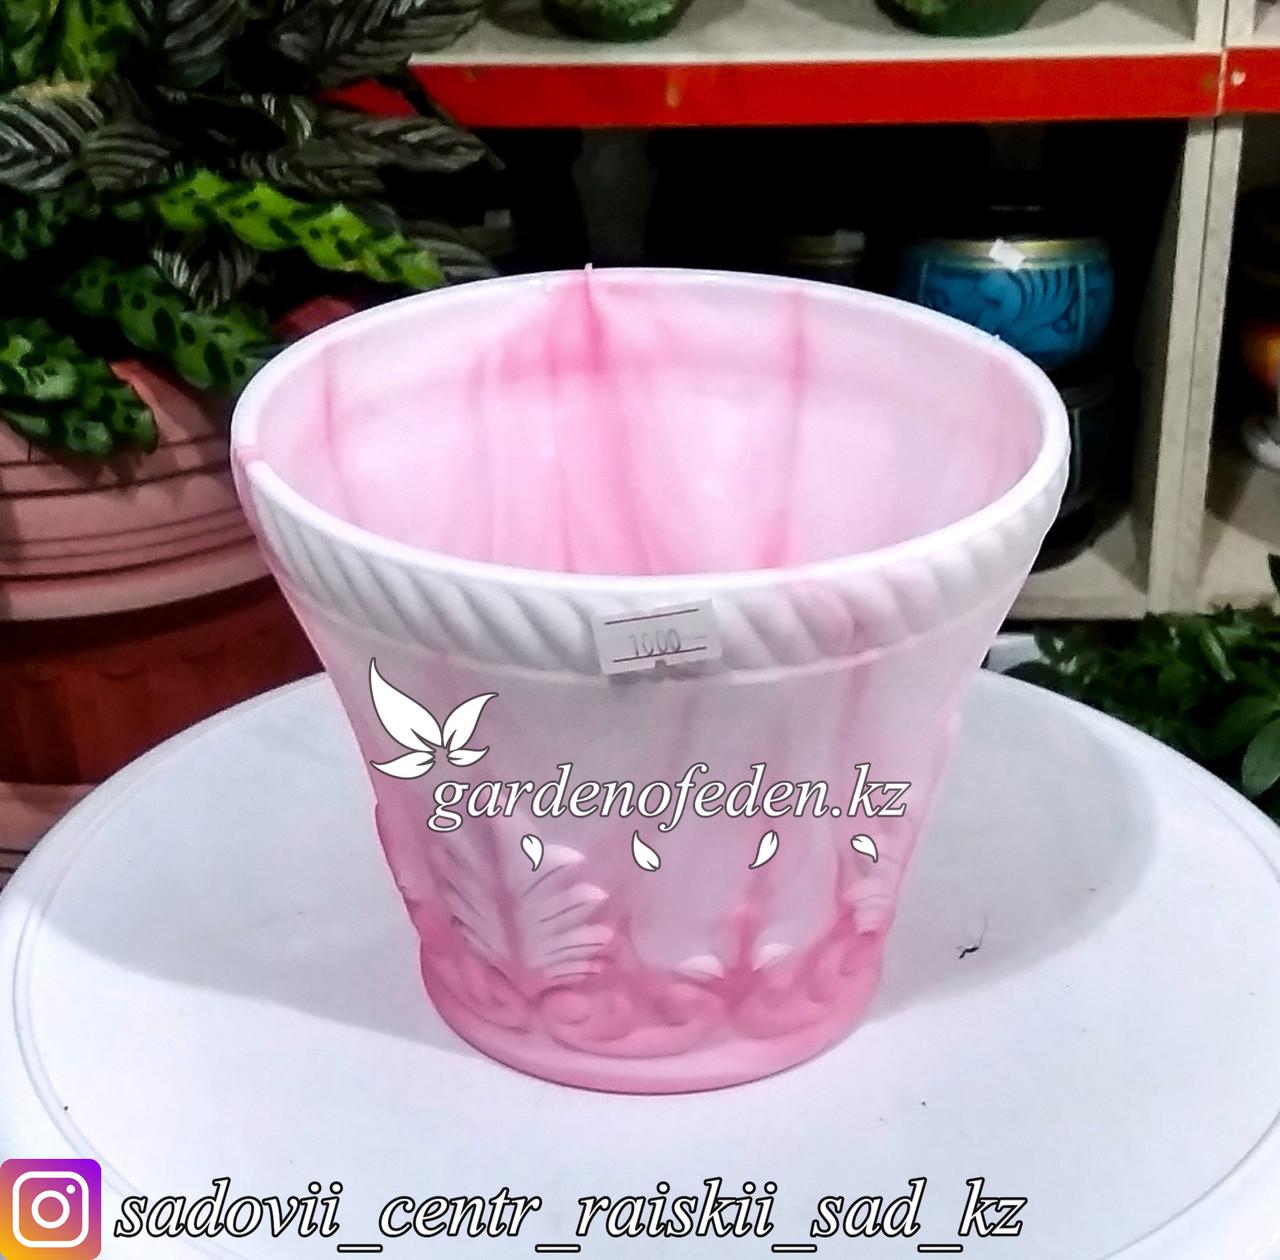 Пластиковое кашпо. Цвет: Белый с розовым. Объем: 1л